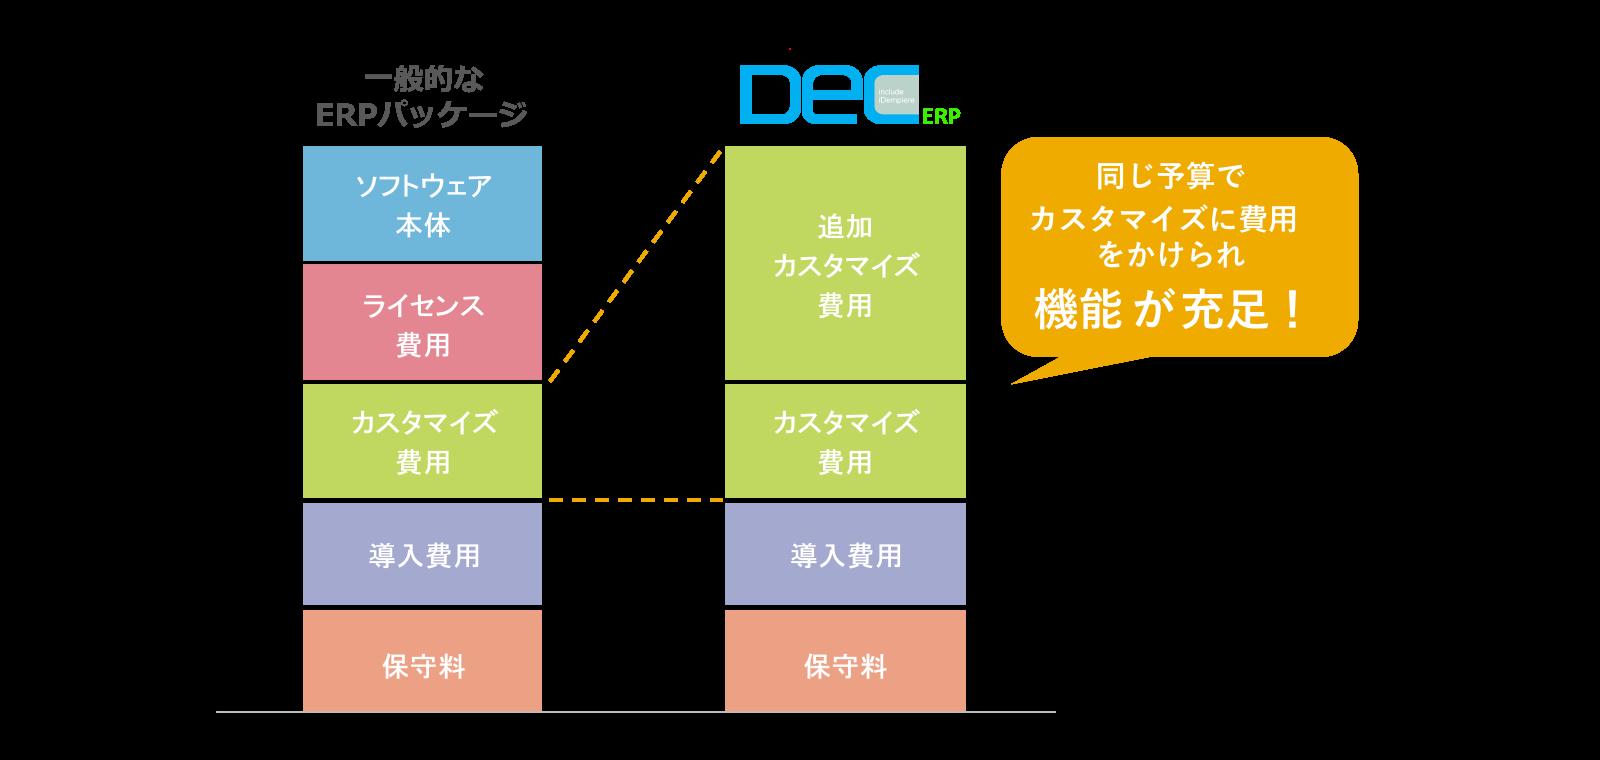 DecERPのメリット2 カスタマイズに費用を充当できる